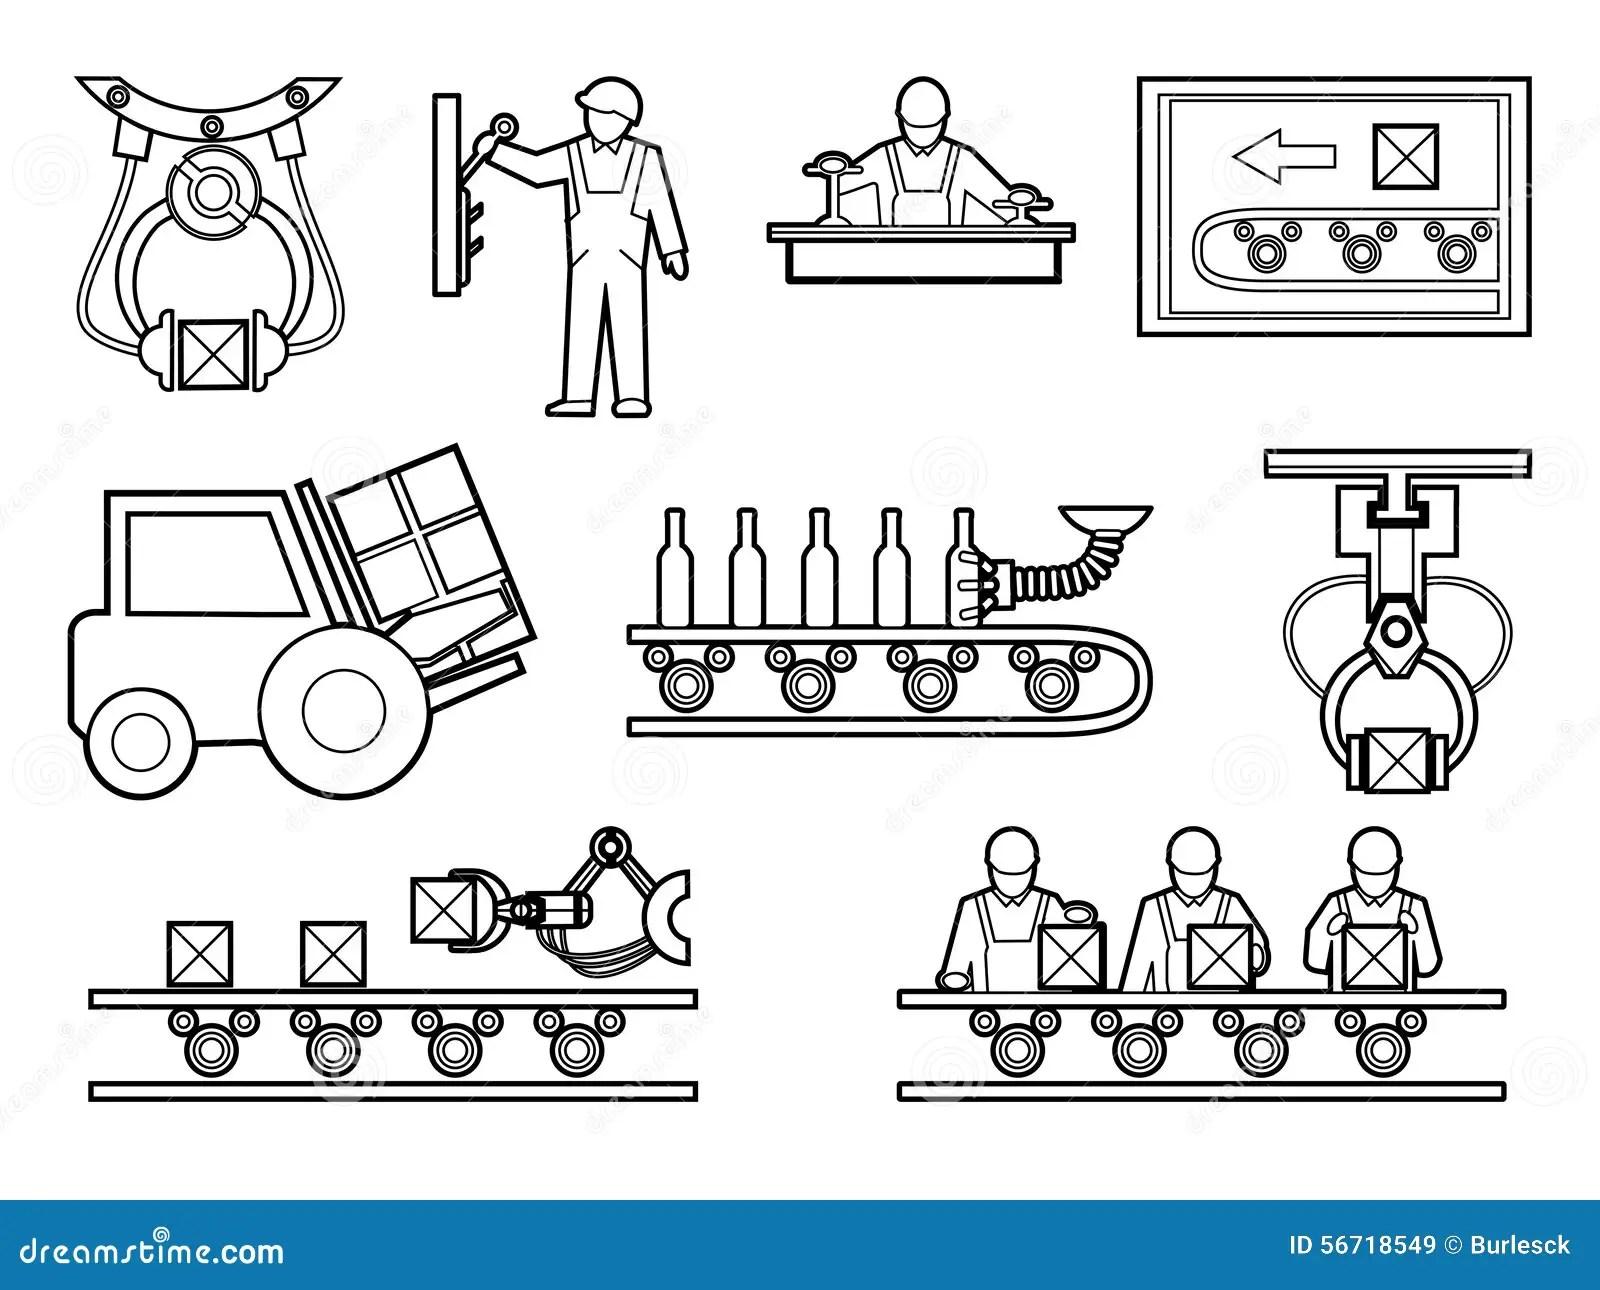 Icones Industriel Et De Processus De Fabrication Reglees